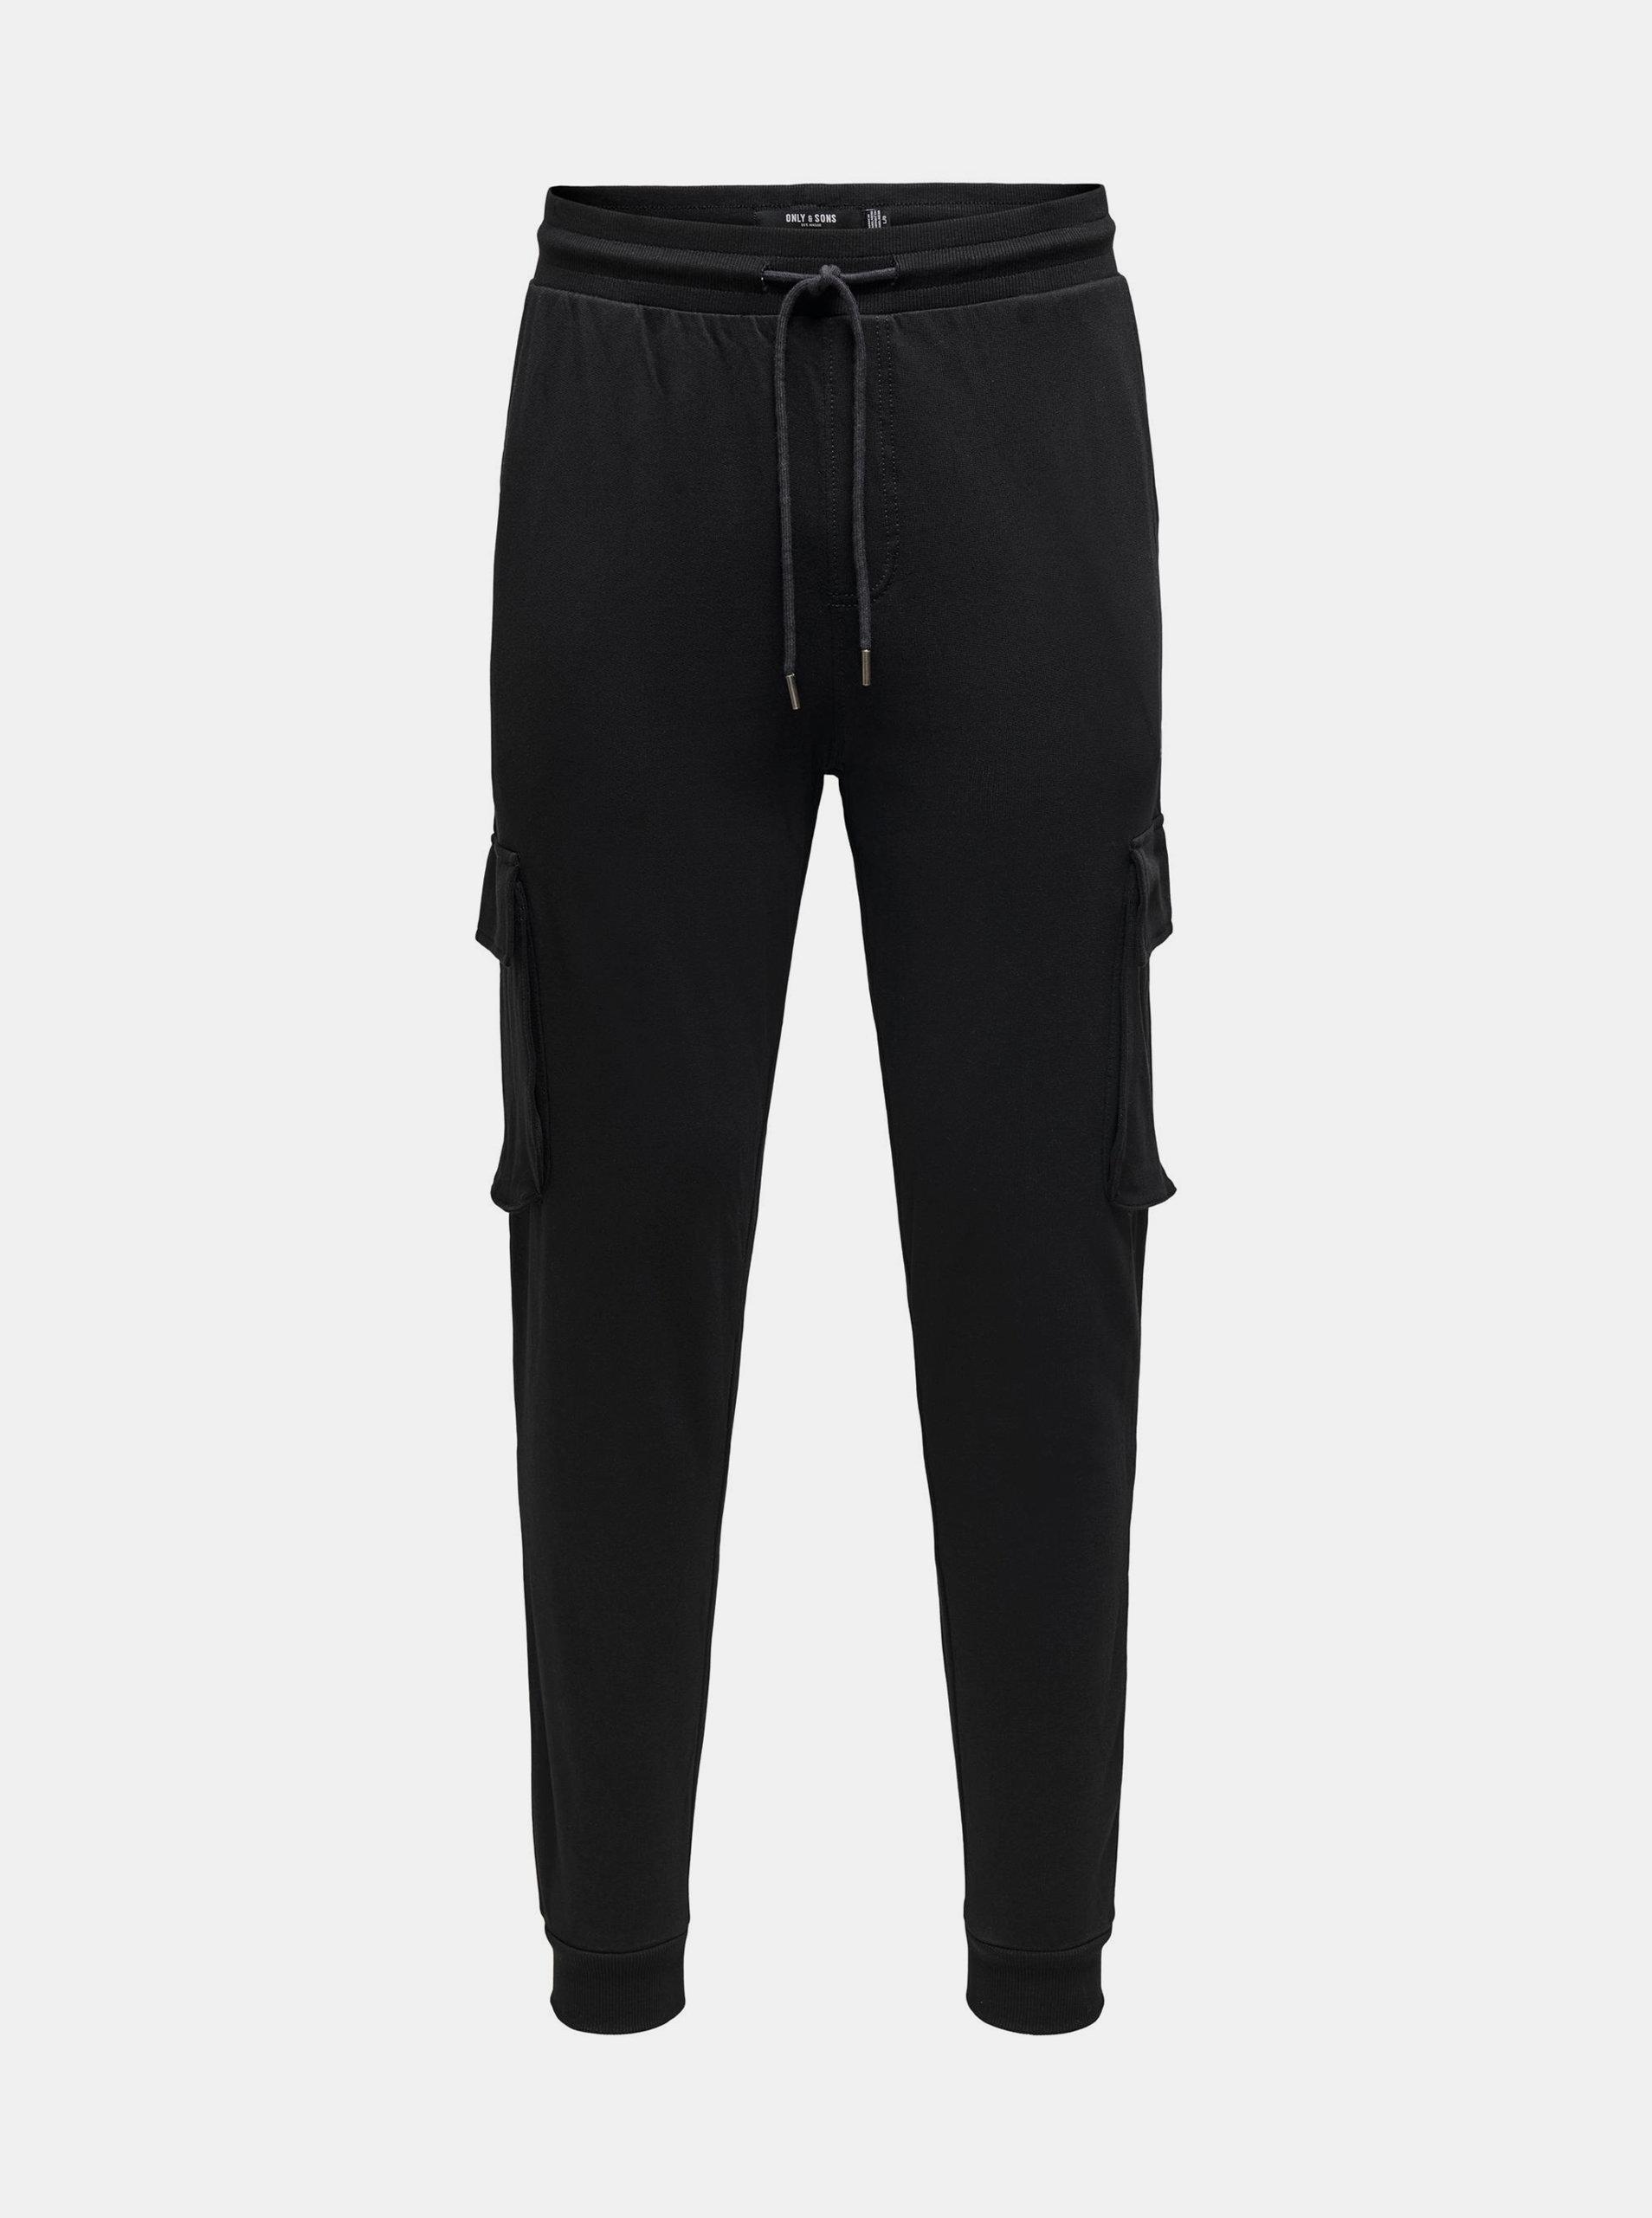 Černé kalhoty s kapsami ONLY & SONS Kian